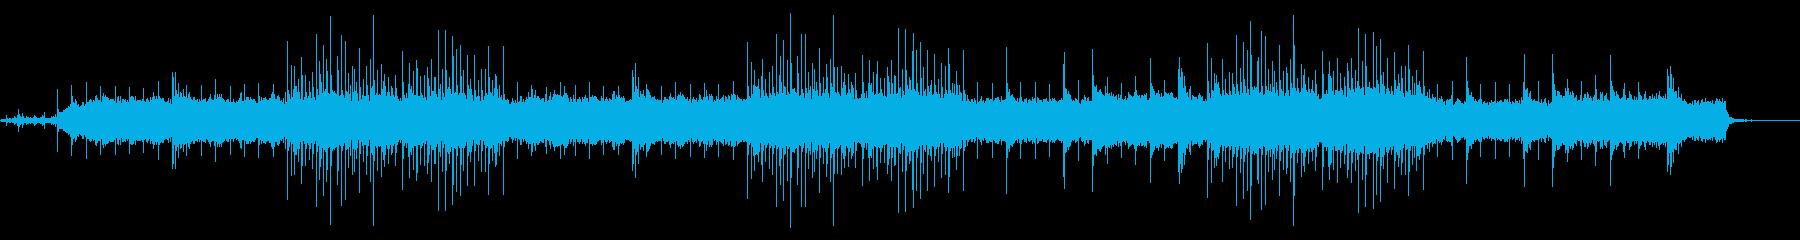 沖縄民謡を三線&癒しアレンジでの再生済みの波形